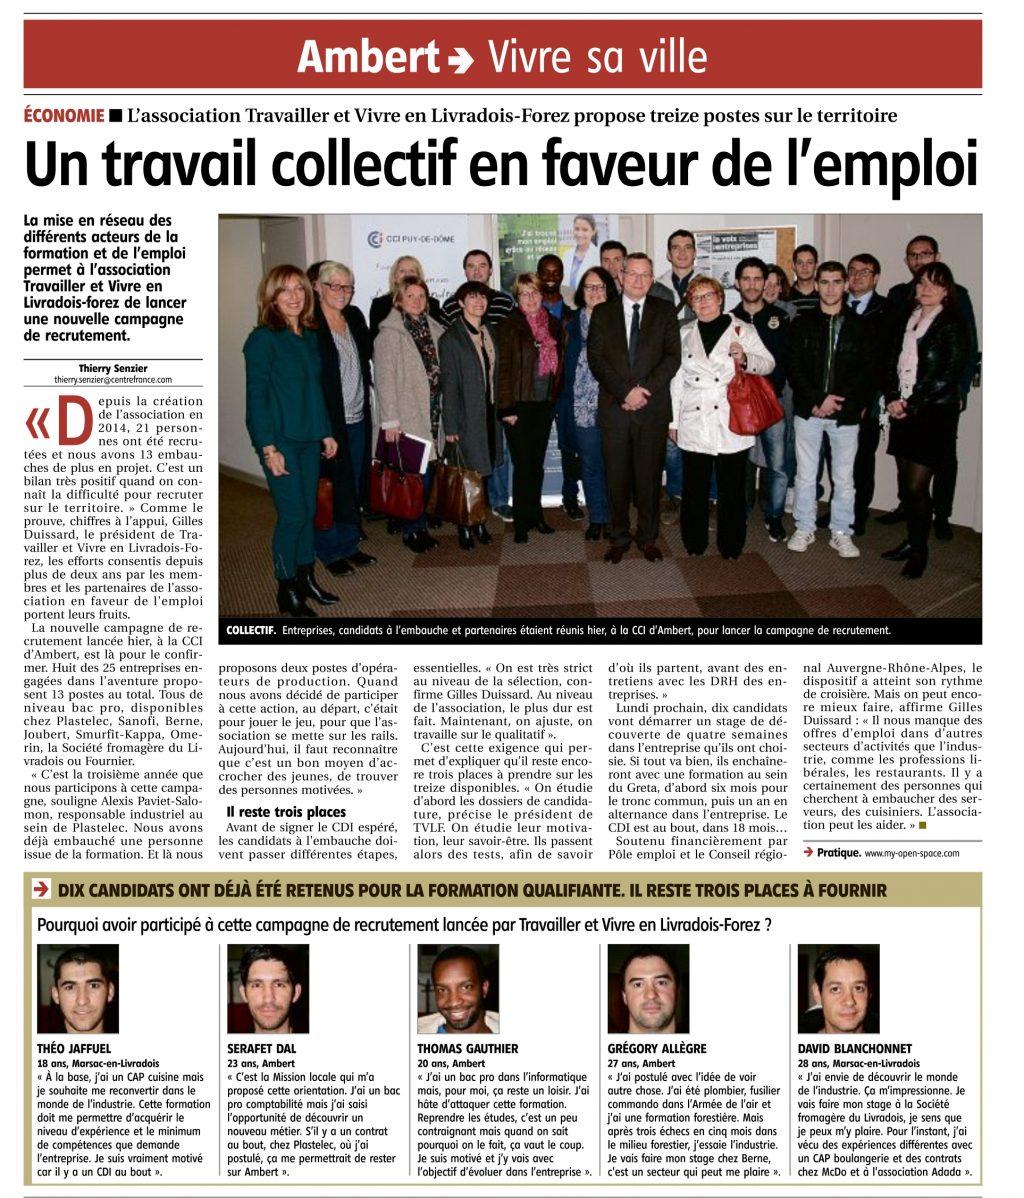 """""""Un travail collectif en faveur de l'emploi"""" - La Montagne 04/11/2016"""